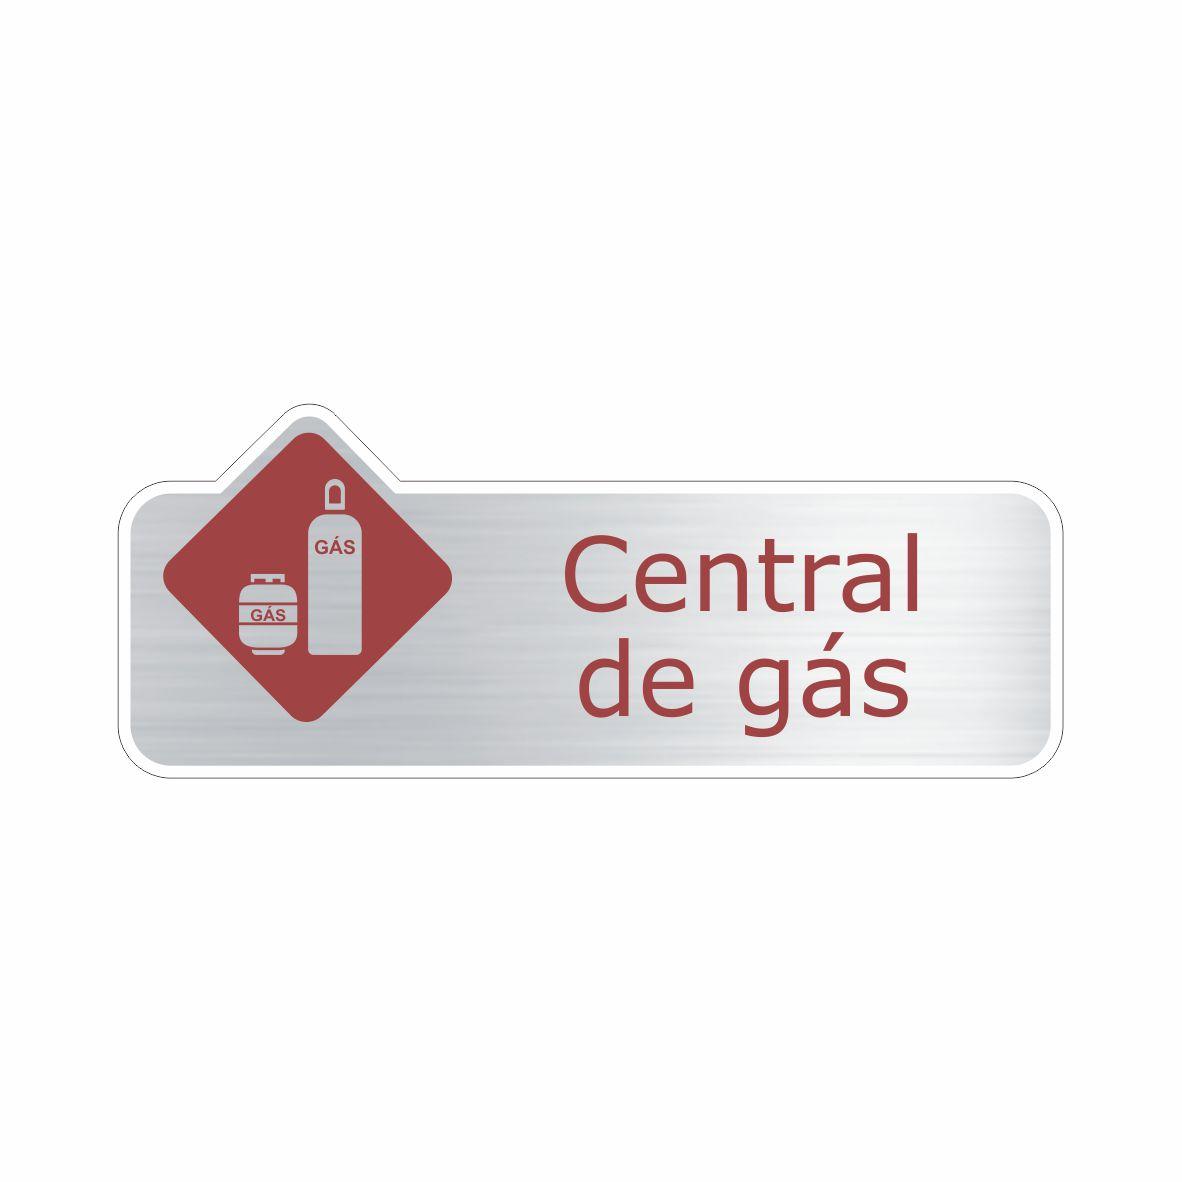 Central de gás  - Towbar Sinalização de Segurança